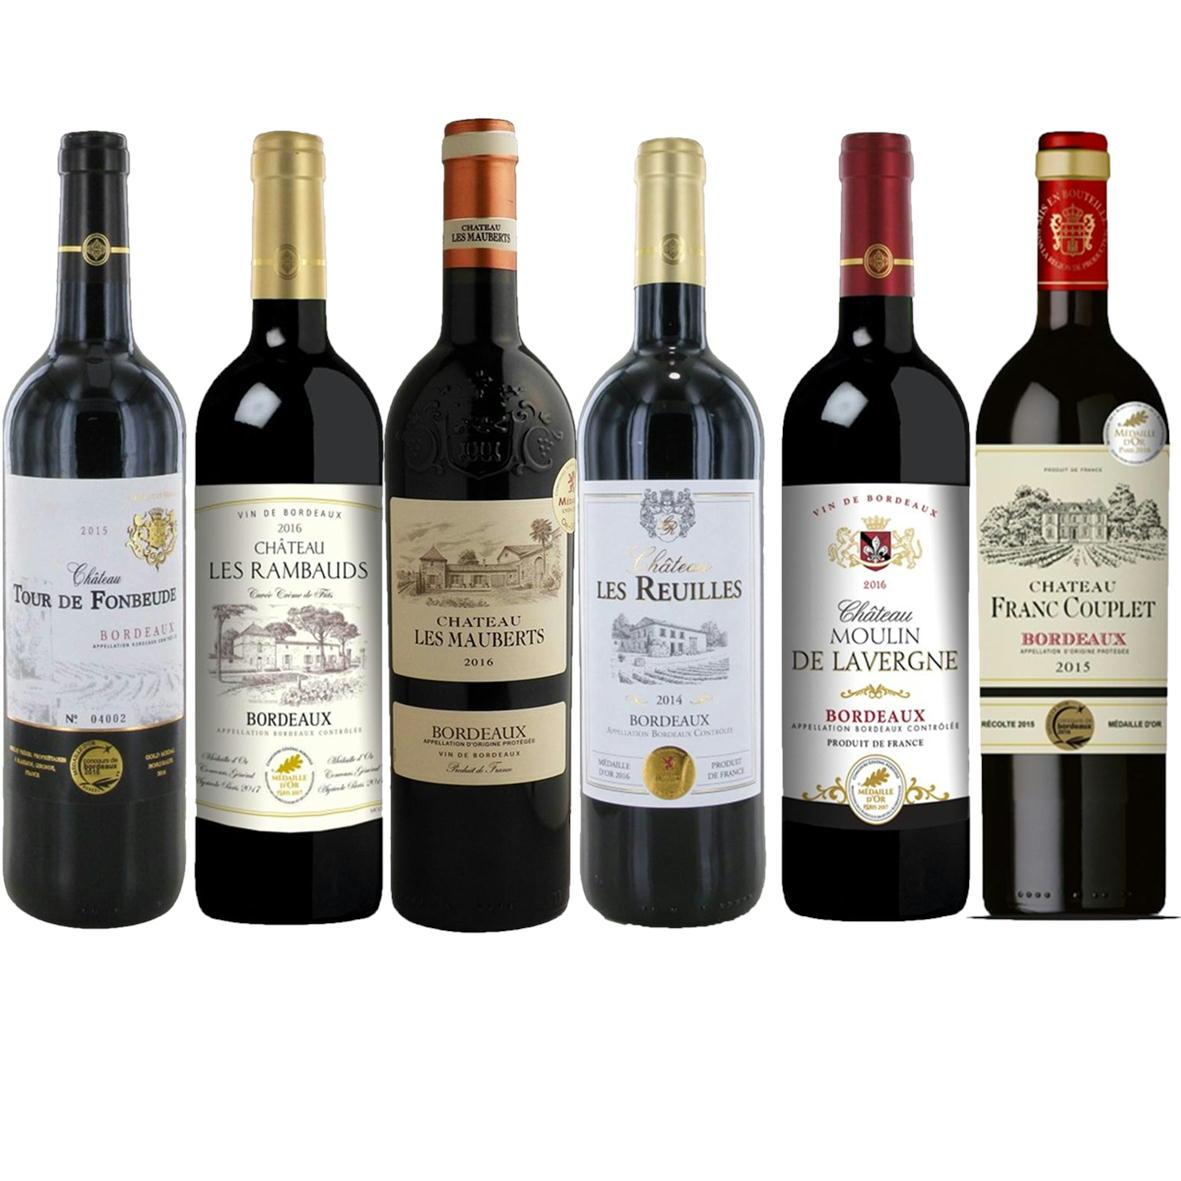 【残りわずか!!】【ボルドー金賞ワイン】【フランスワインセット】当店専属ソムリエが選んだフランスボルドー金賞受賞ワイン赤6本セット ダブルゴールド受賞ワイン含む!